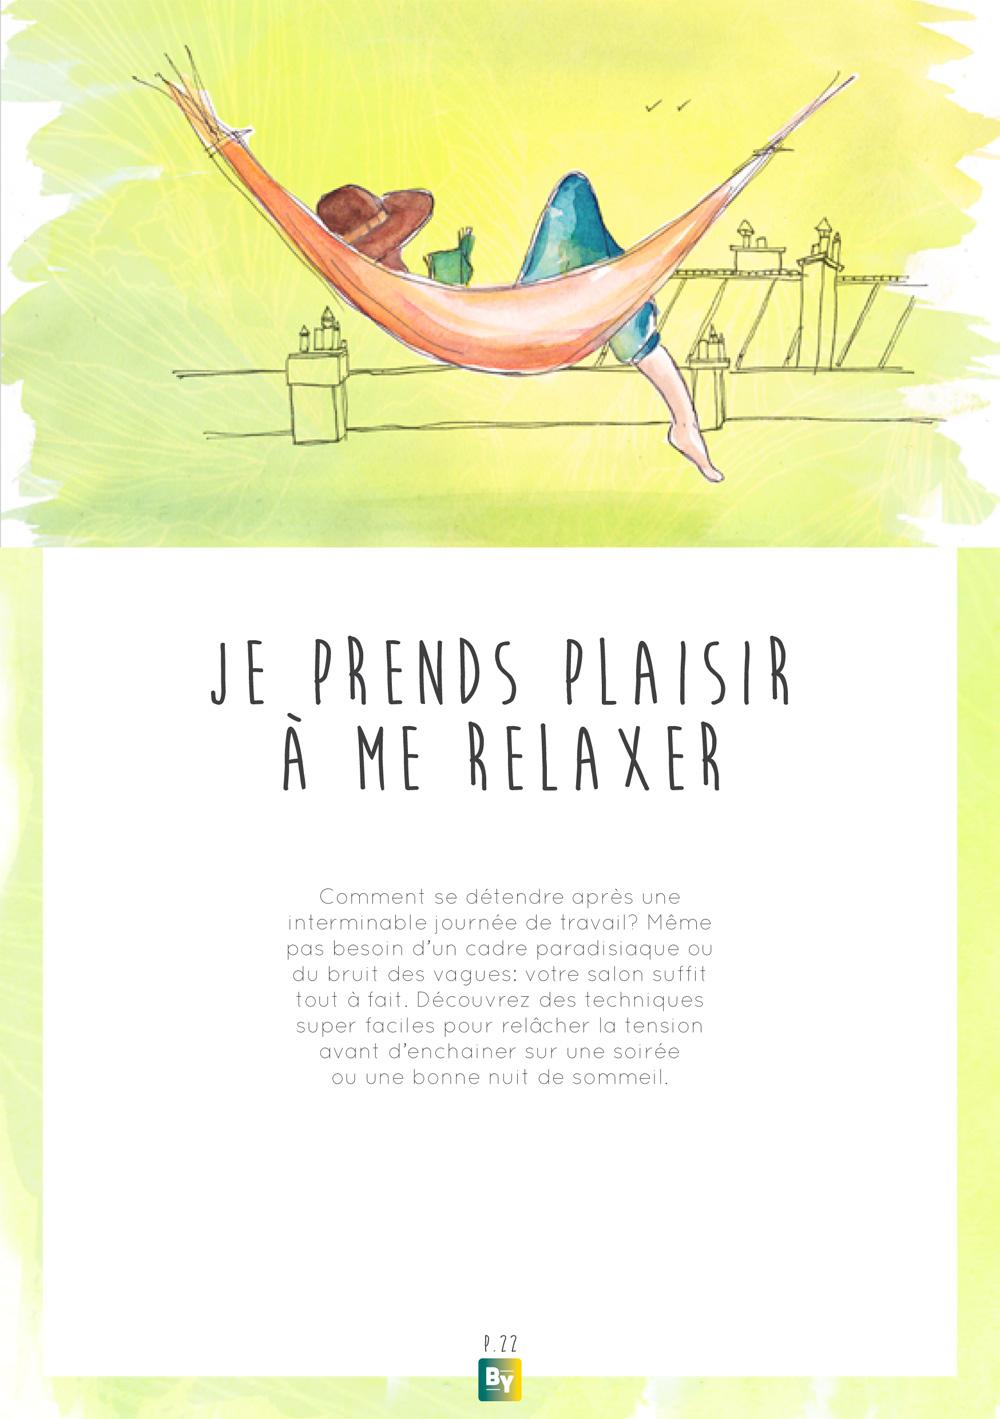 Comment Faire Pour Me Relaxer bliss you — marie pottiez